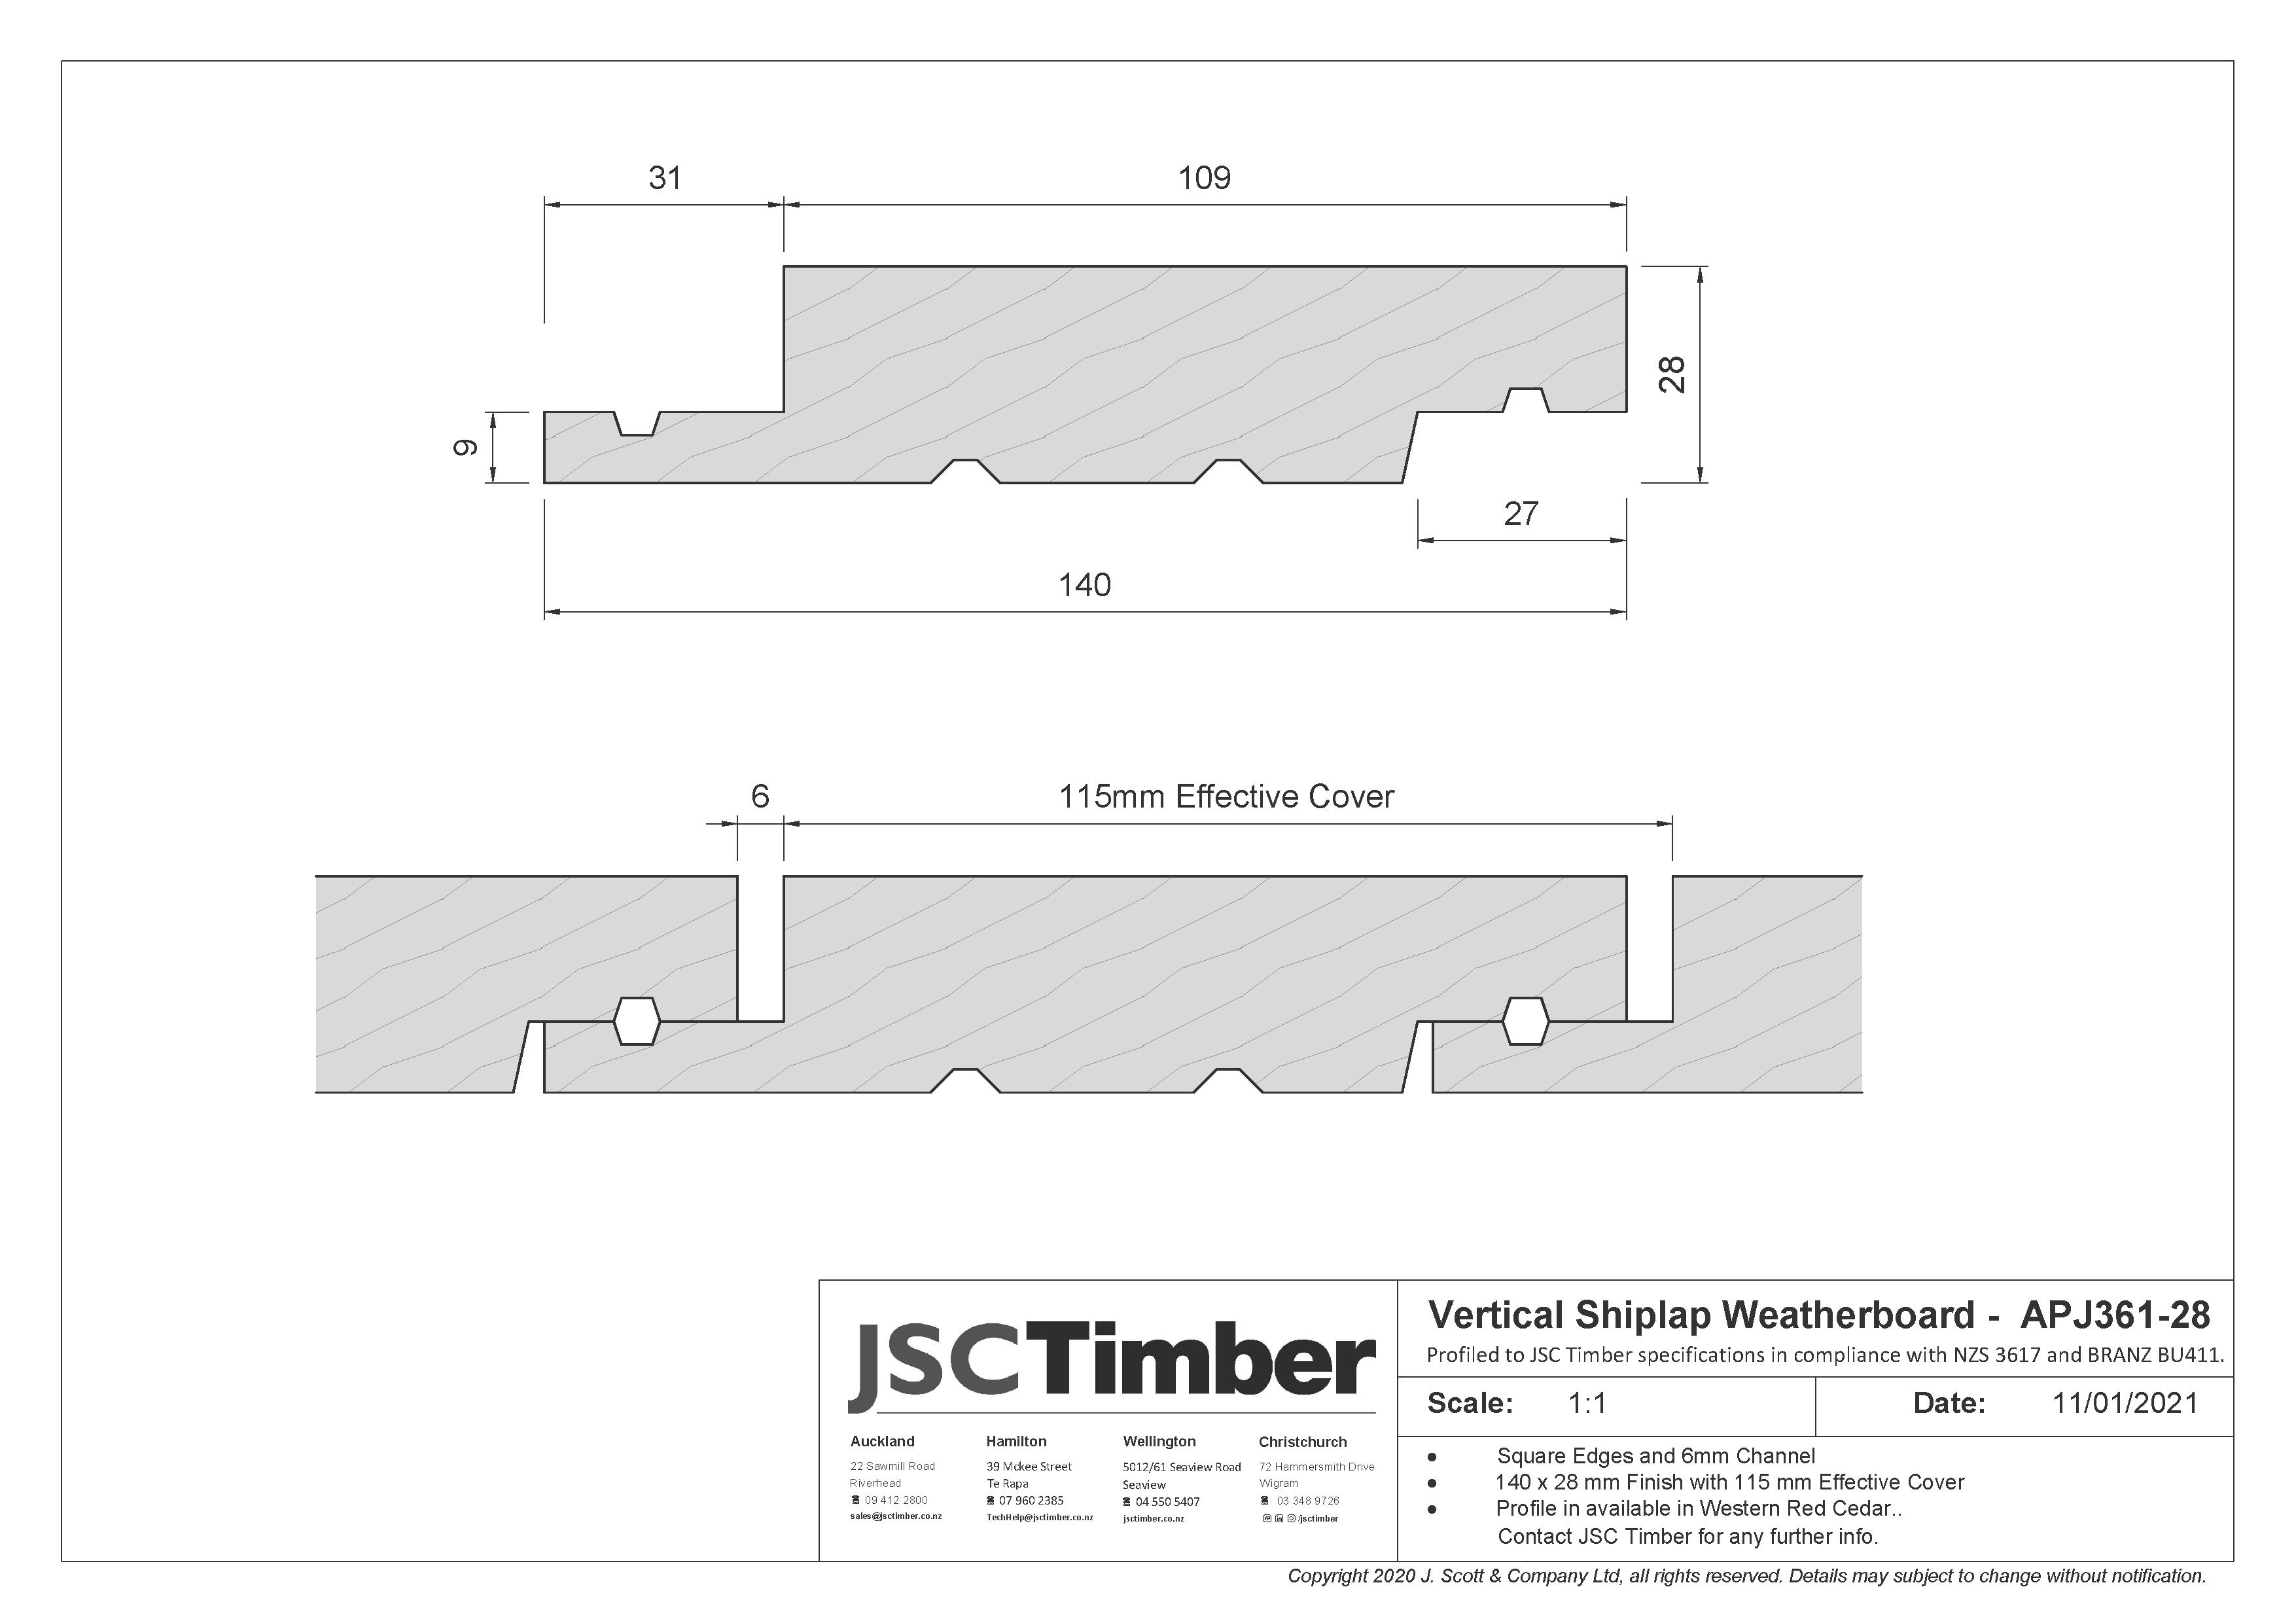 APJ361-28 Vertical Shiplap Weatherboard